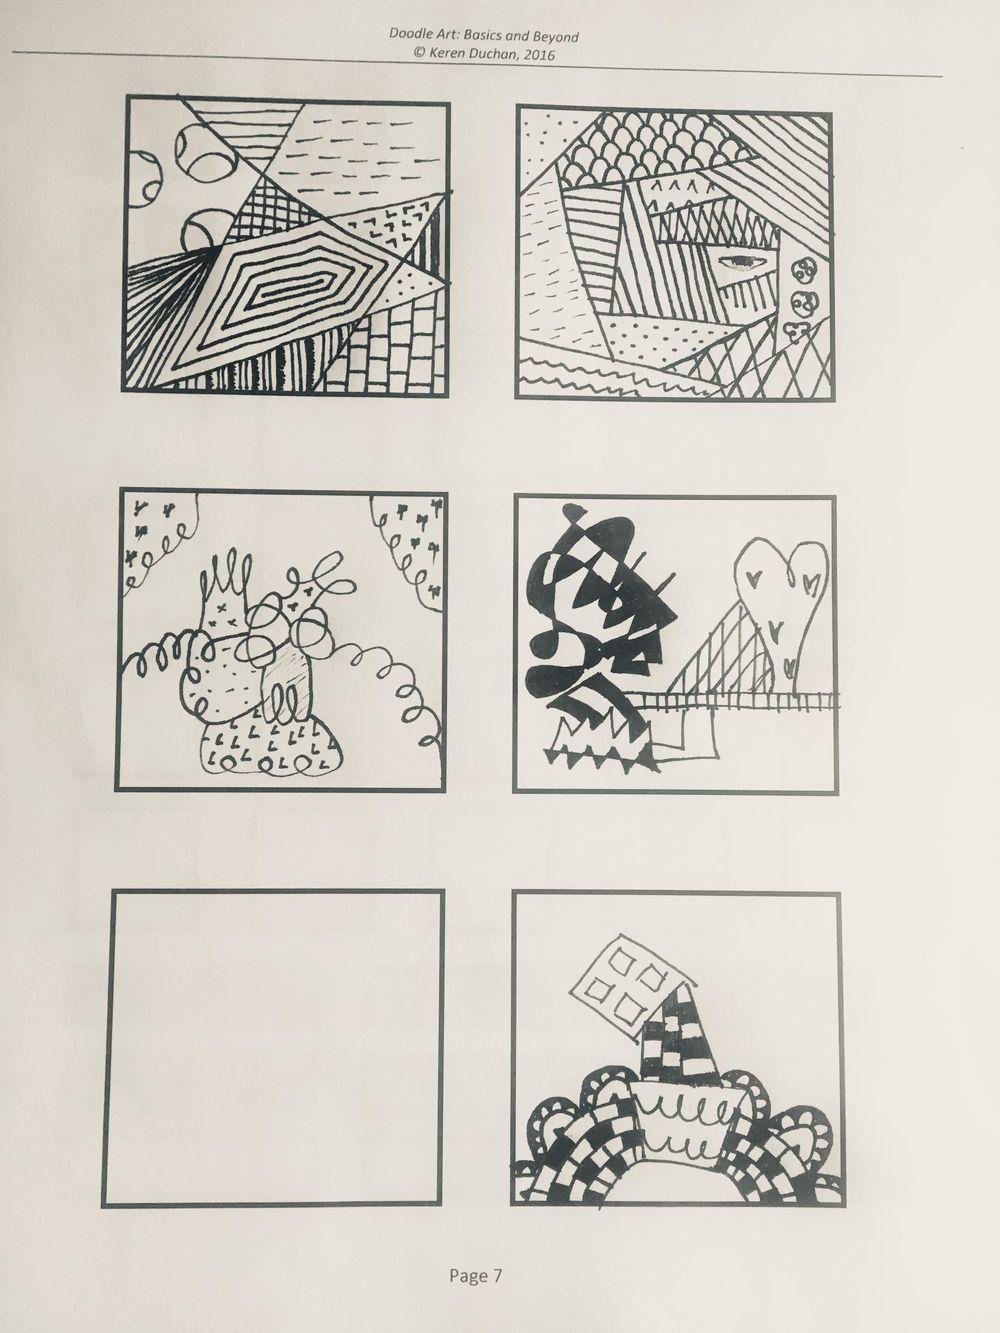 Seun's doodles - image 5 - student project